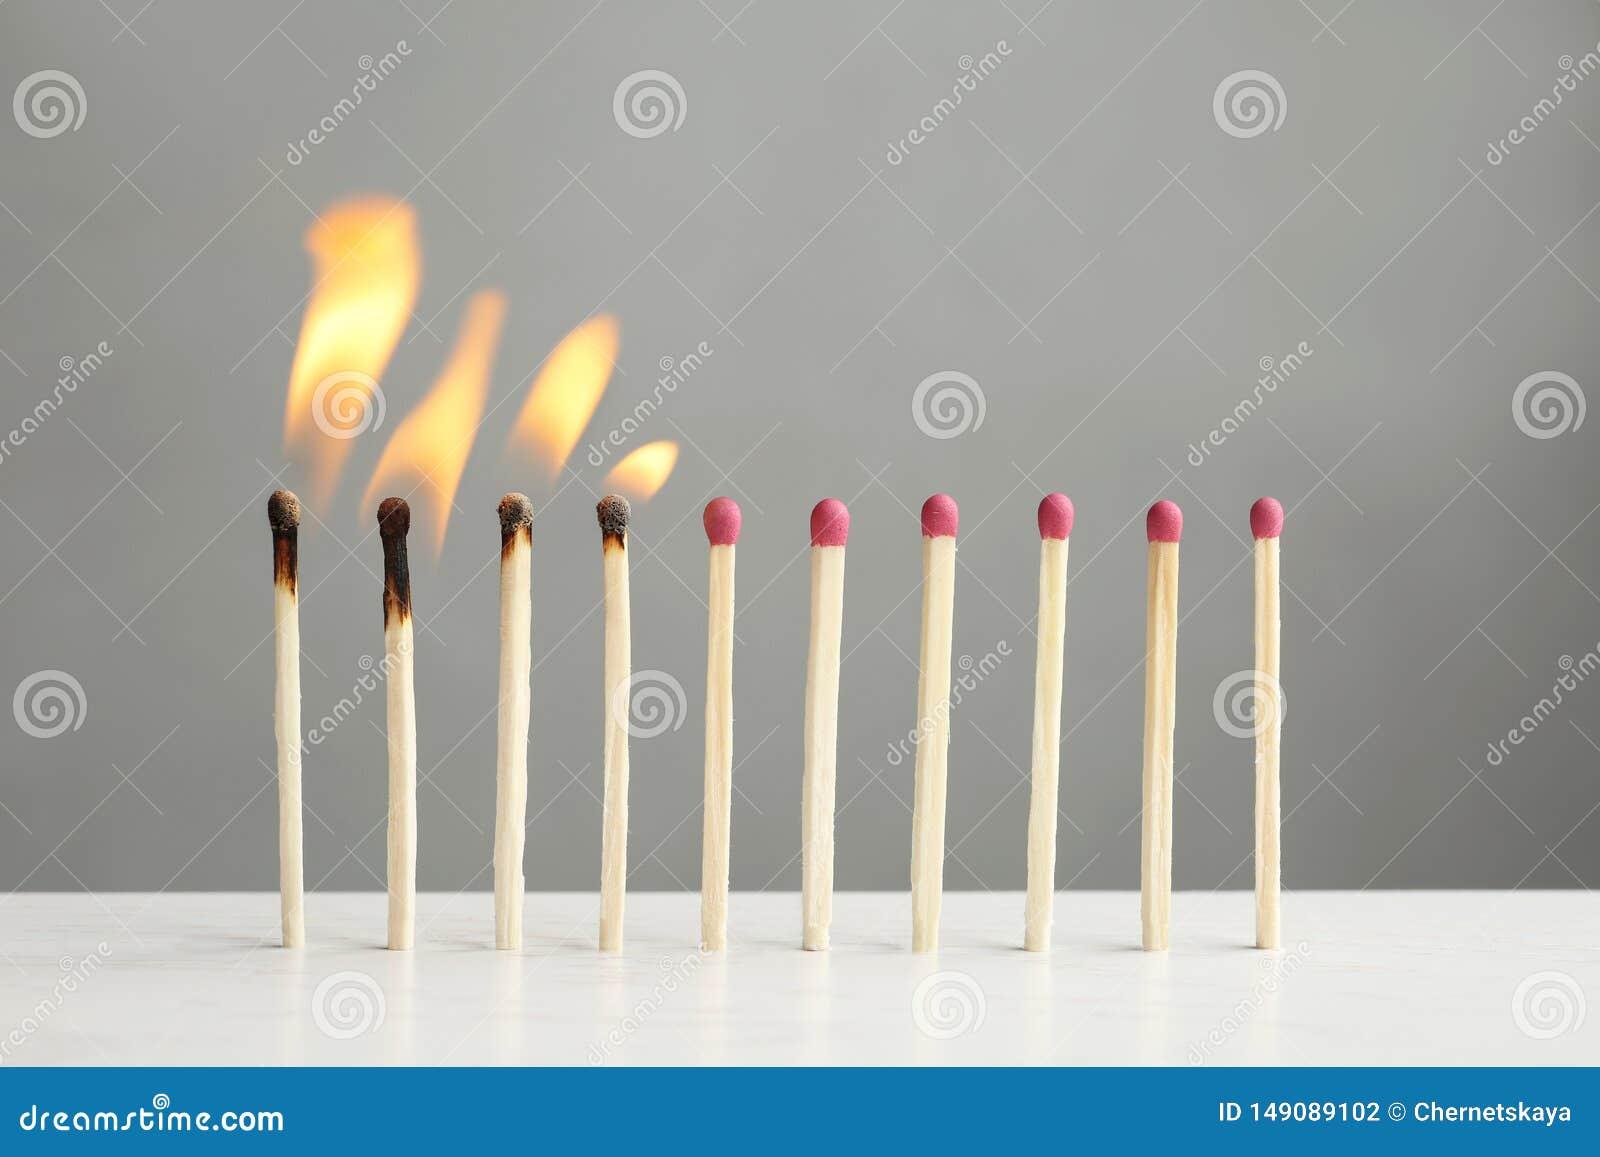 Γραμμή καψίματος και ολόκληρων των αντιστοιχιών στον πίνακα